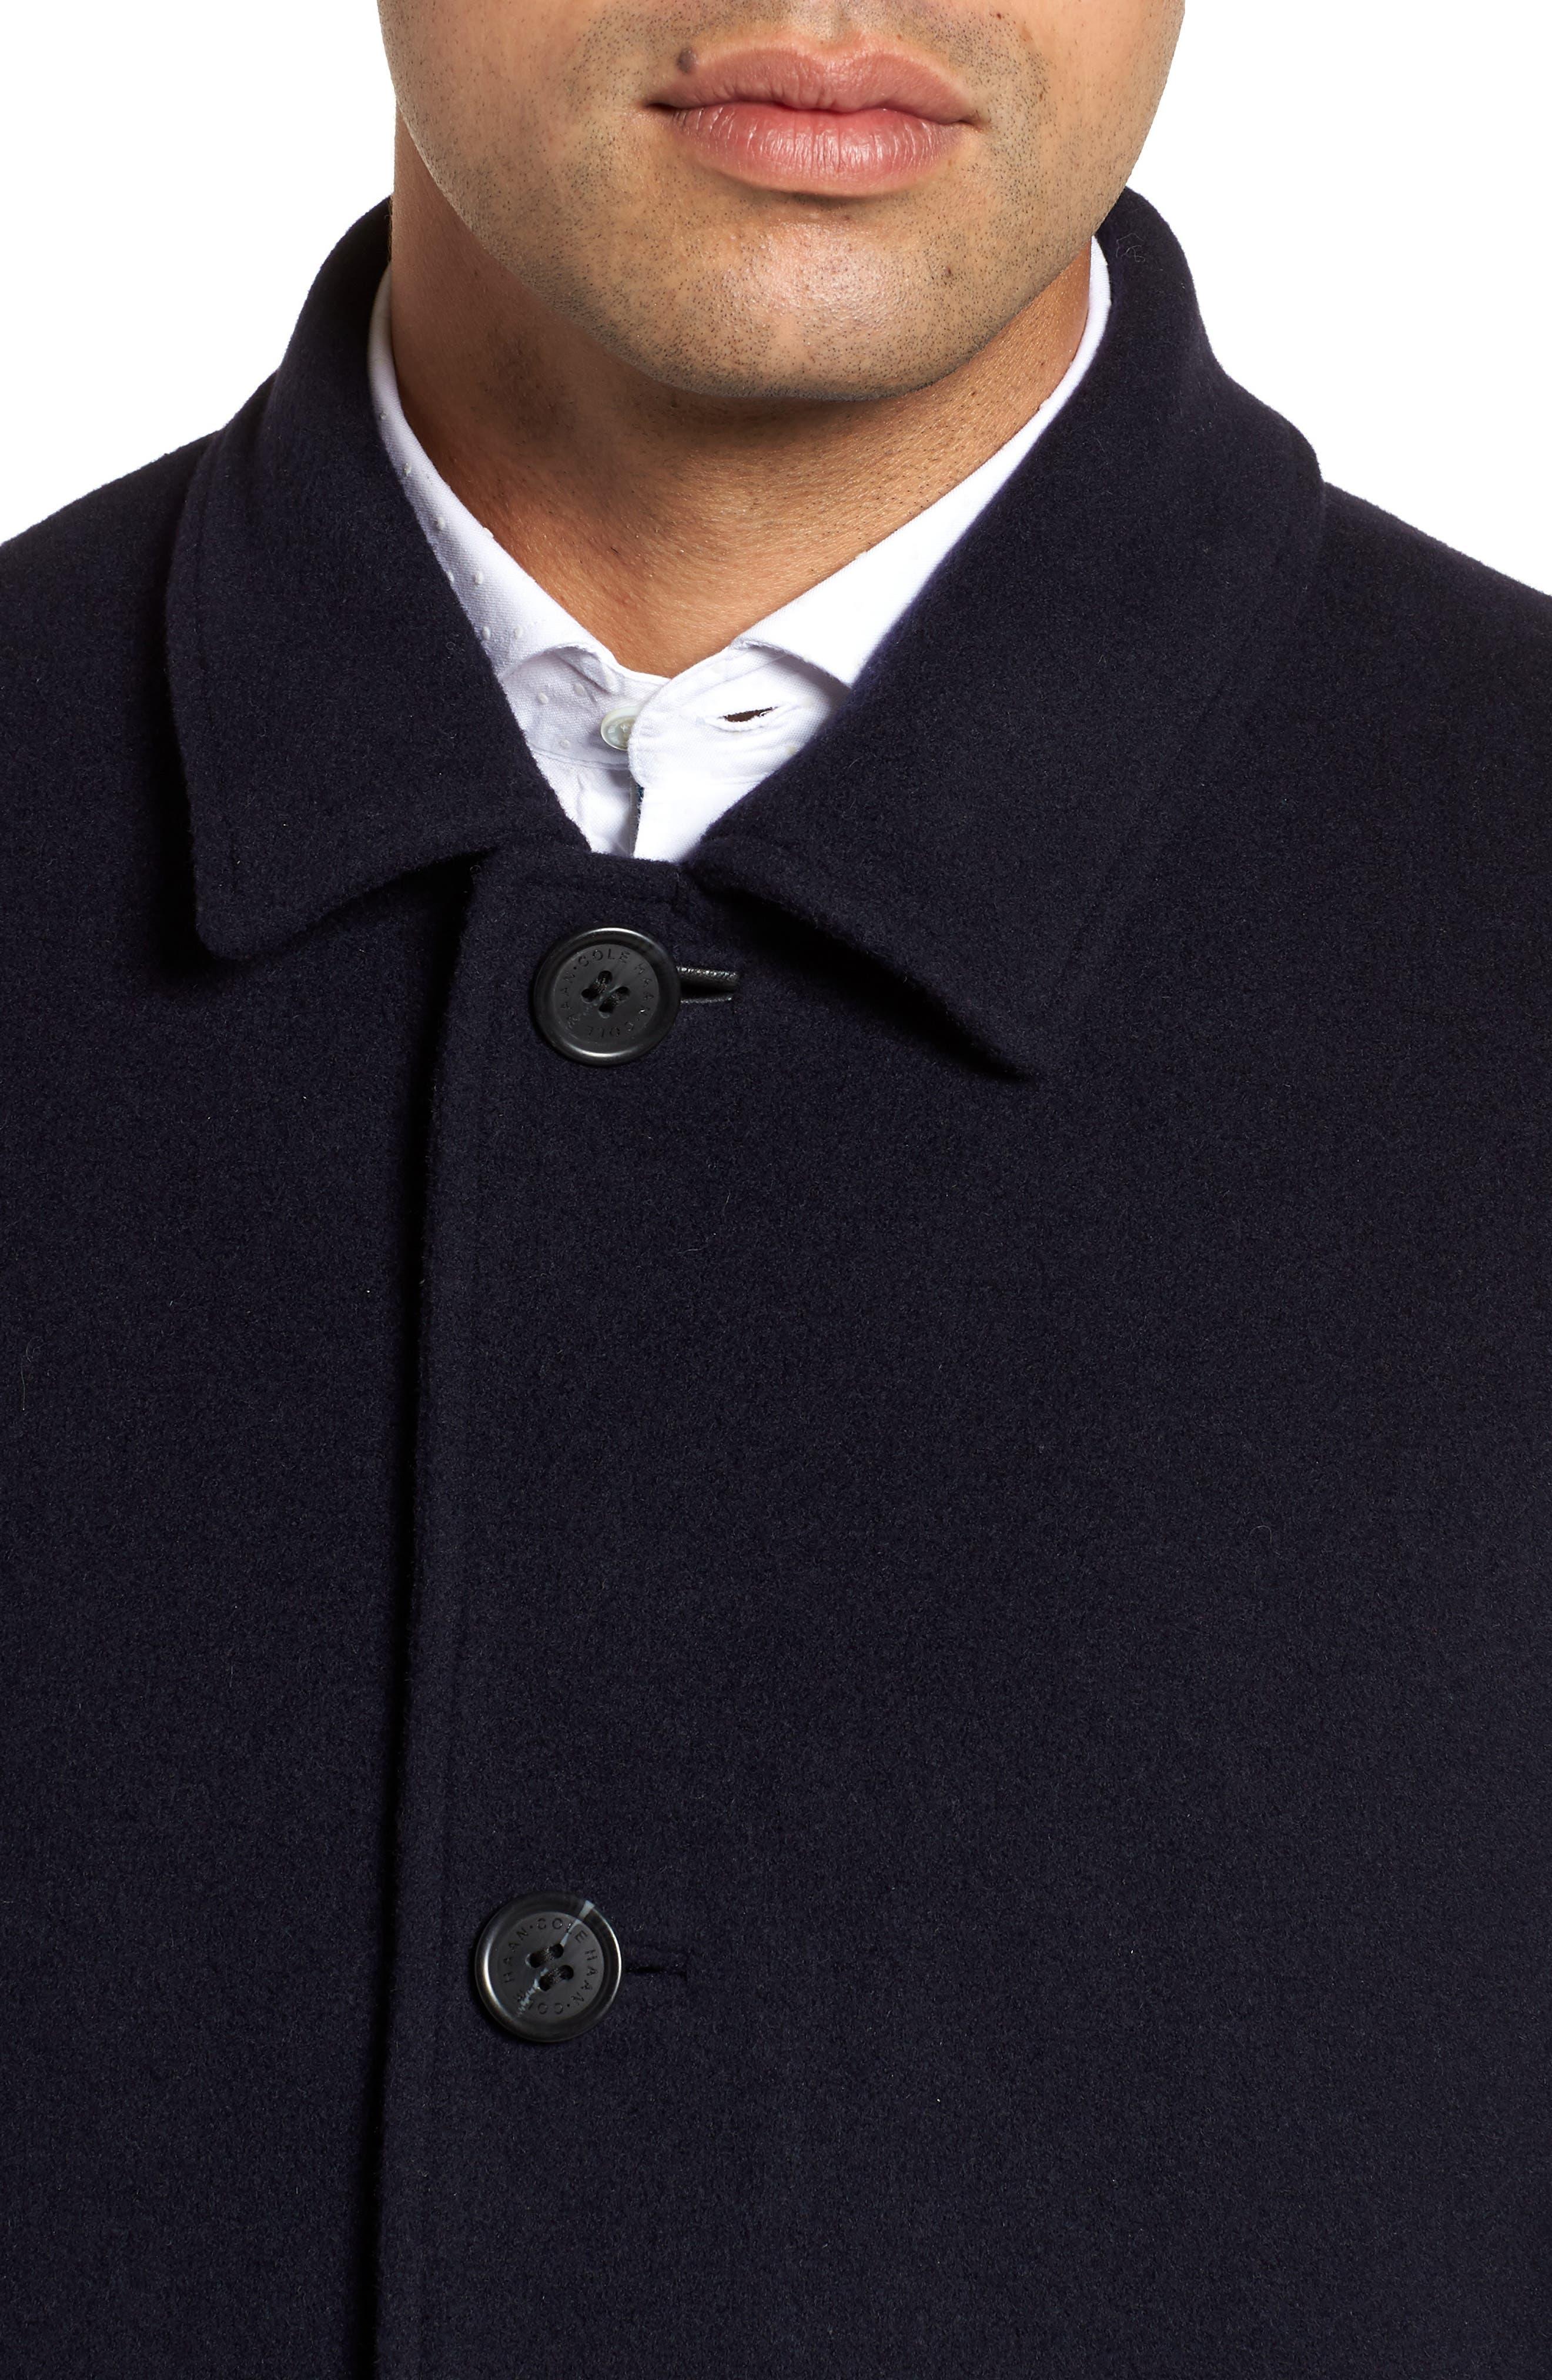 Italian Wool Blend Overcoat,                             Alternate thumbnail 13, color,